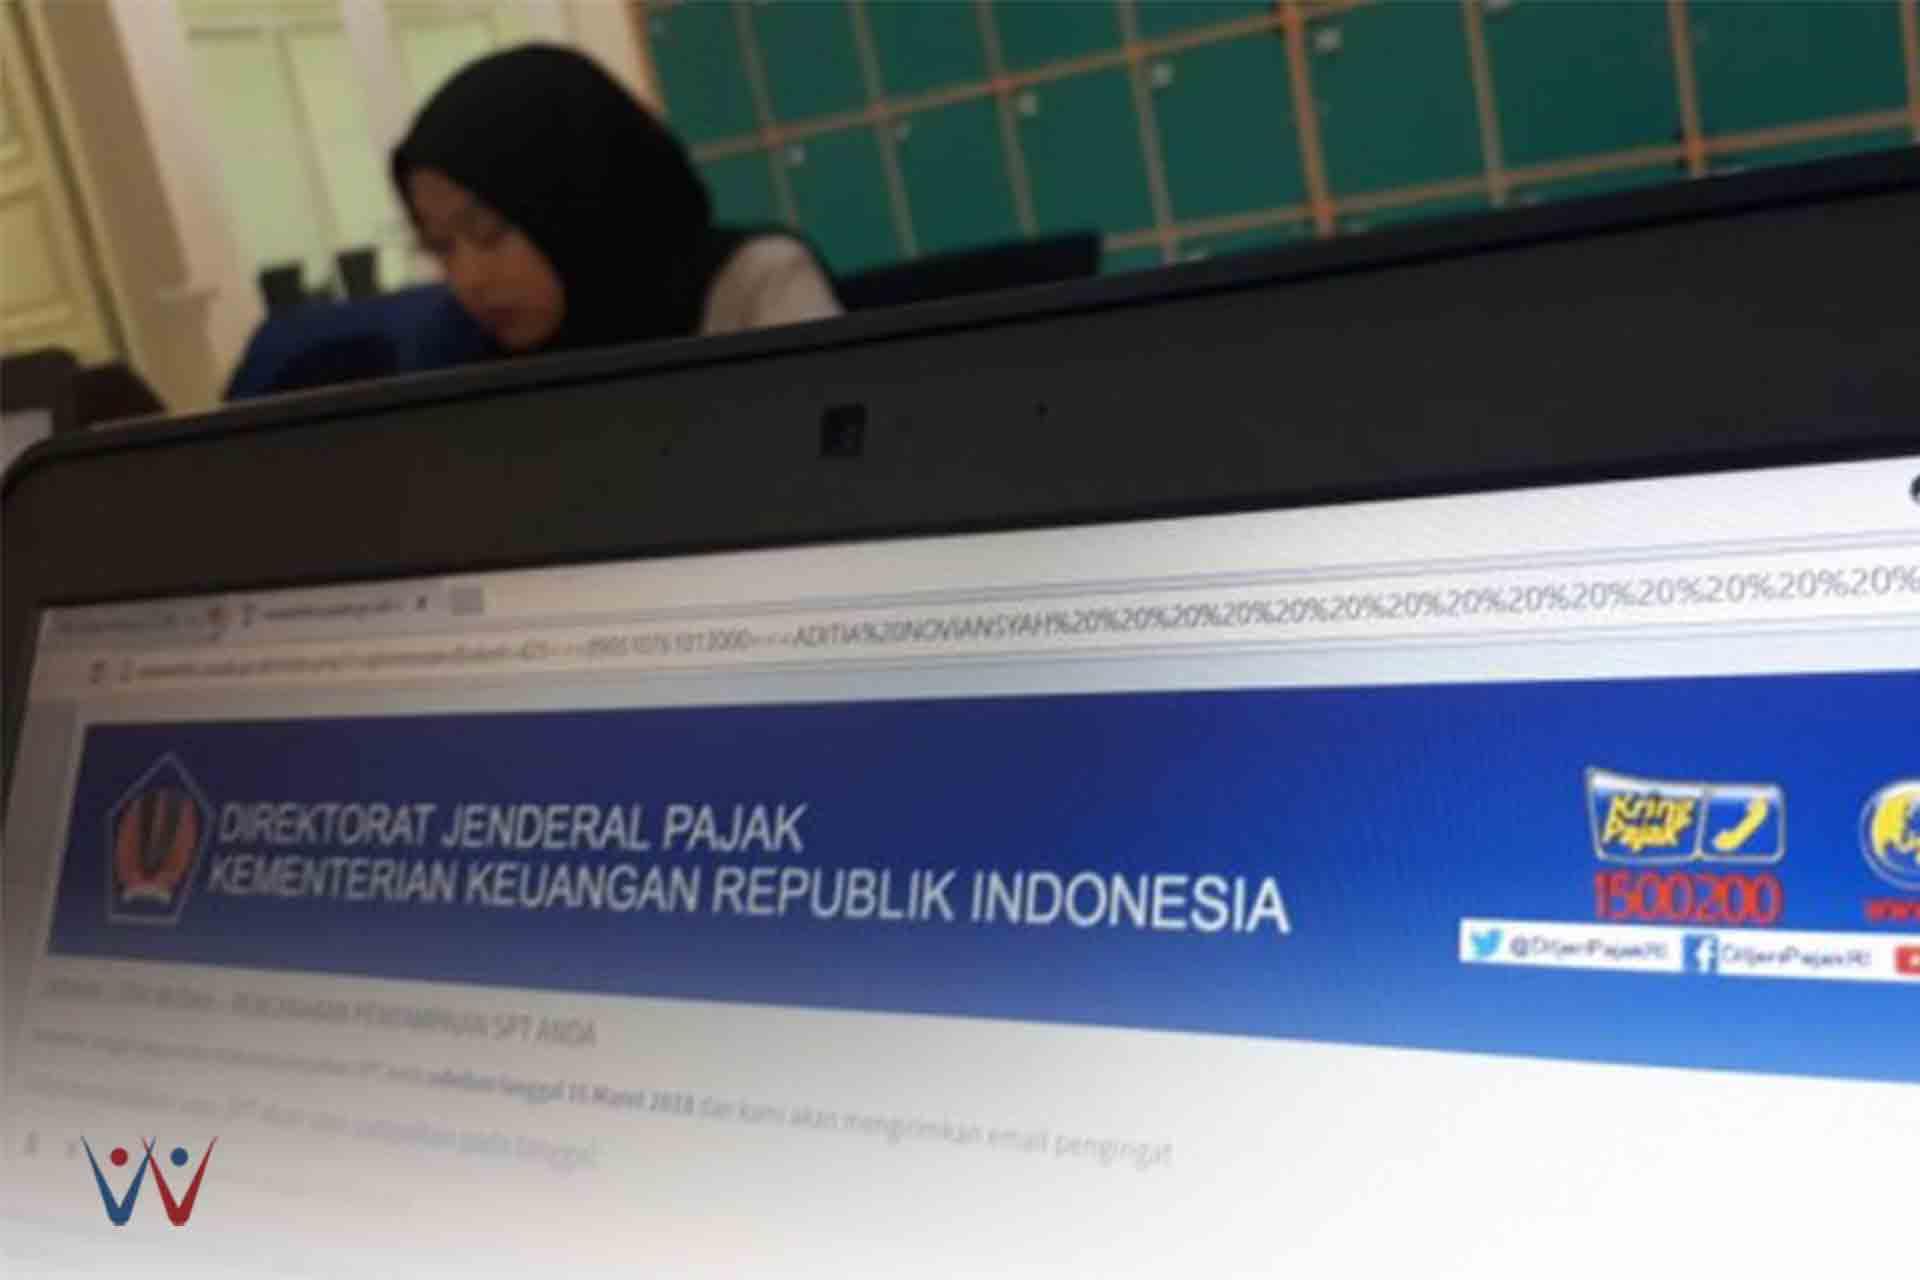 Sebelum Memulai Pembayaran dan Pelaporan: Daftar Akun Perpajakan di DJP Online